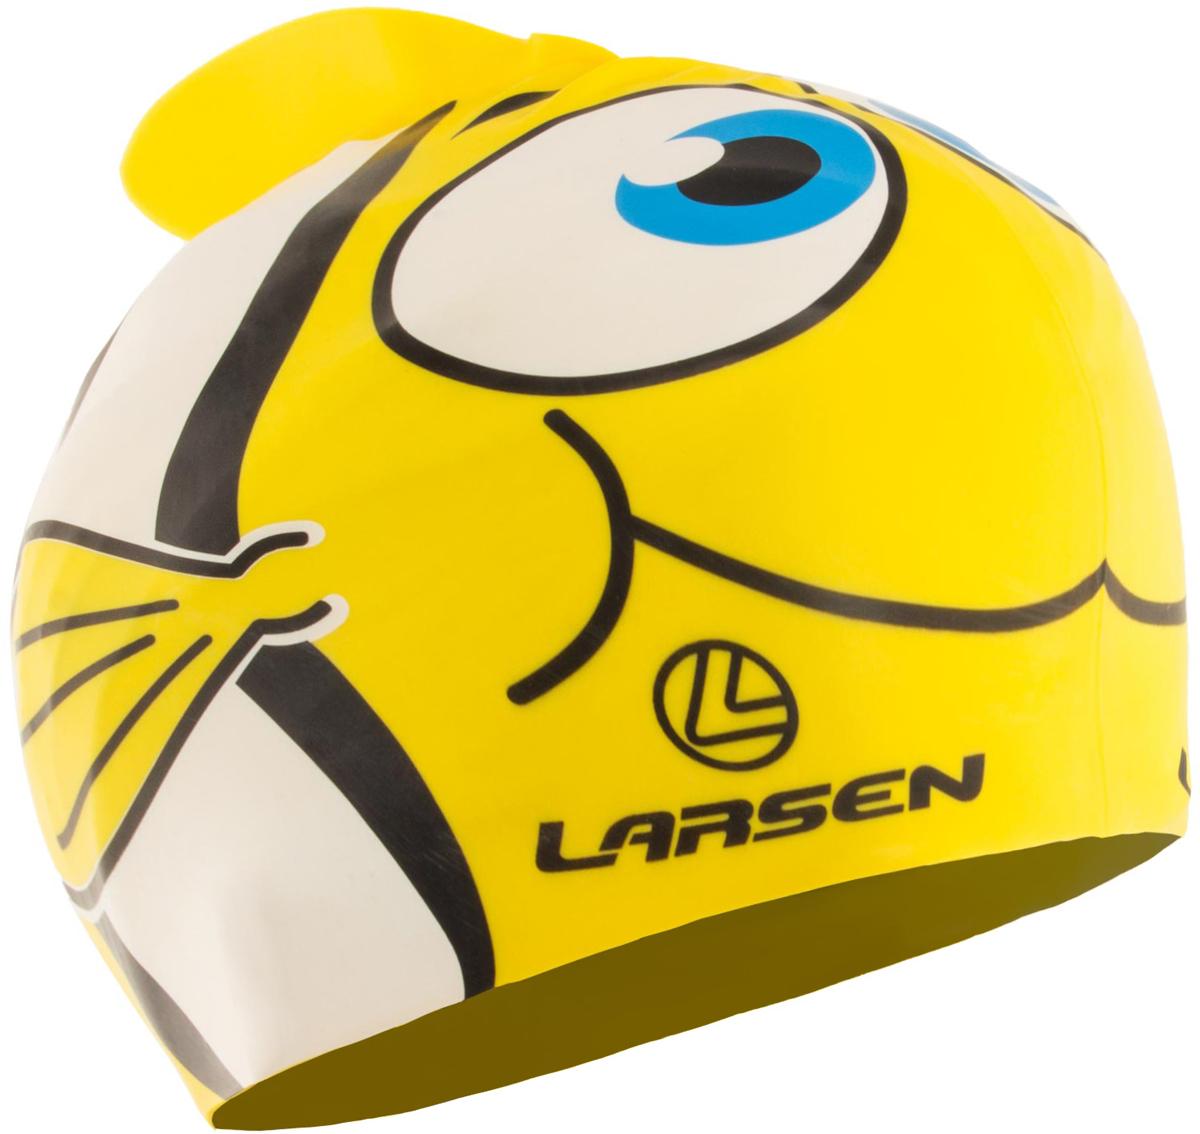 Шапочка для плавания детская Larsen Рыбка, цвет: желтый. LSC10203574Детская шапочка для плавания Larsen Рыбка выполнена из высококачественного силикона. Она плотно облегает голову, обеспечивая комфортную и надежную посадку. Размер: 21 х 17,5 см.